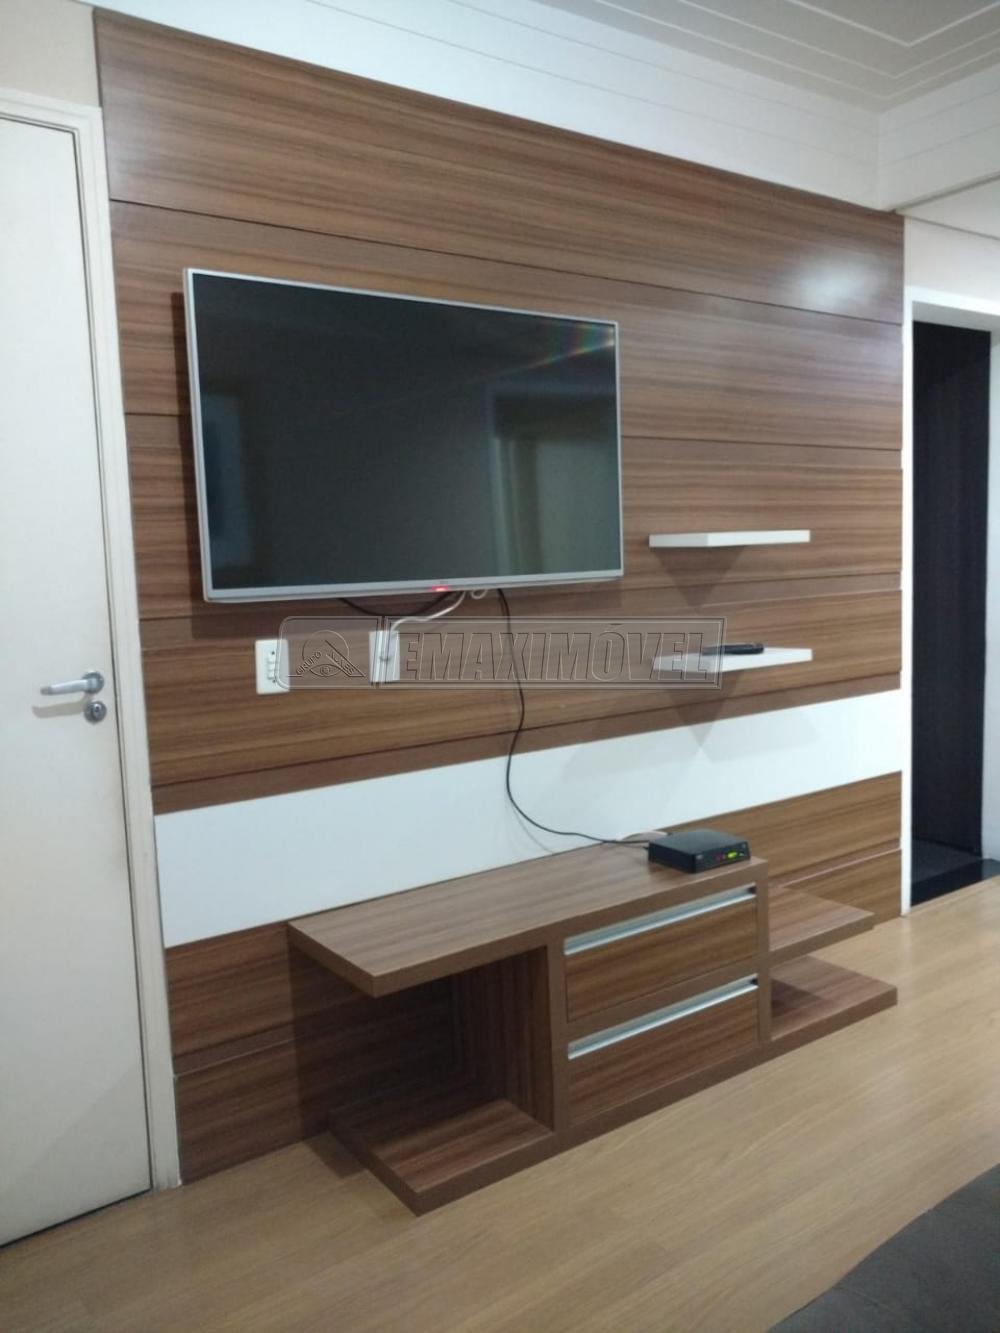 Comprar Apartamentos / Apto Padrão em Sorocaba apenas R$ 260.000,00 - Foto 4